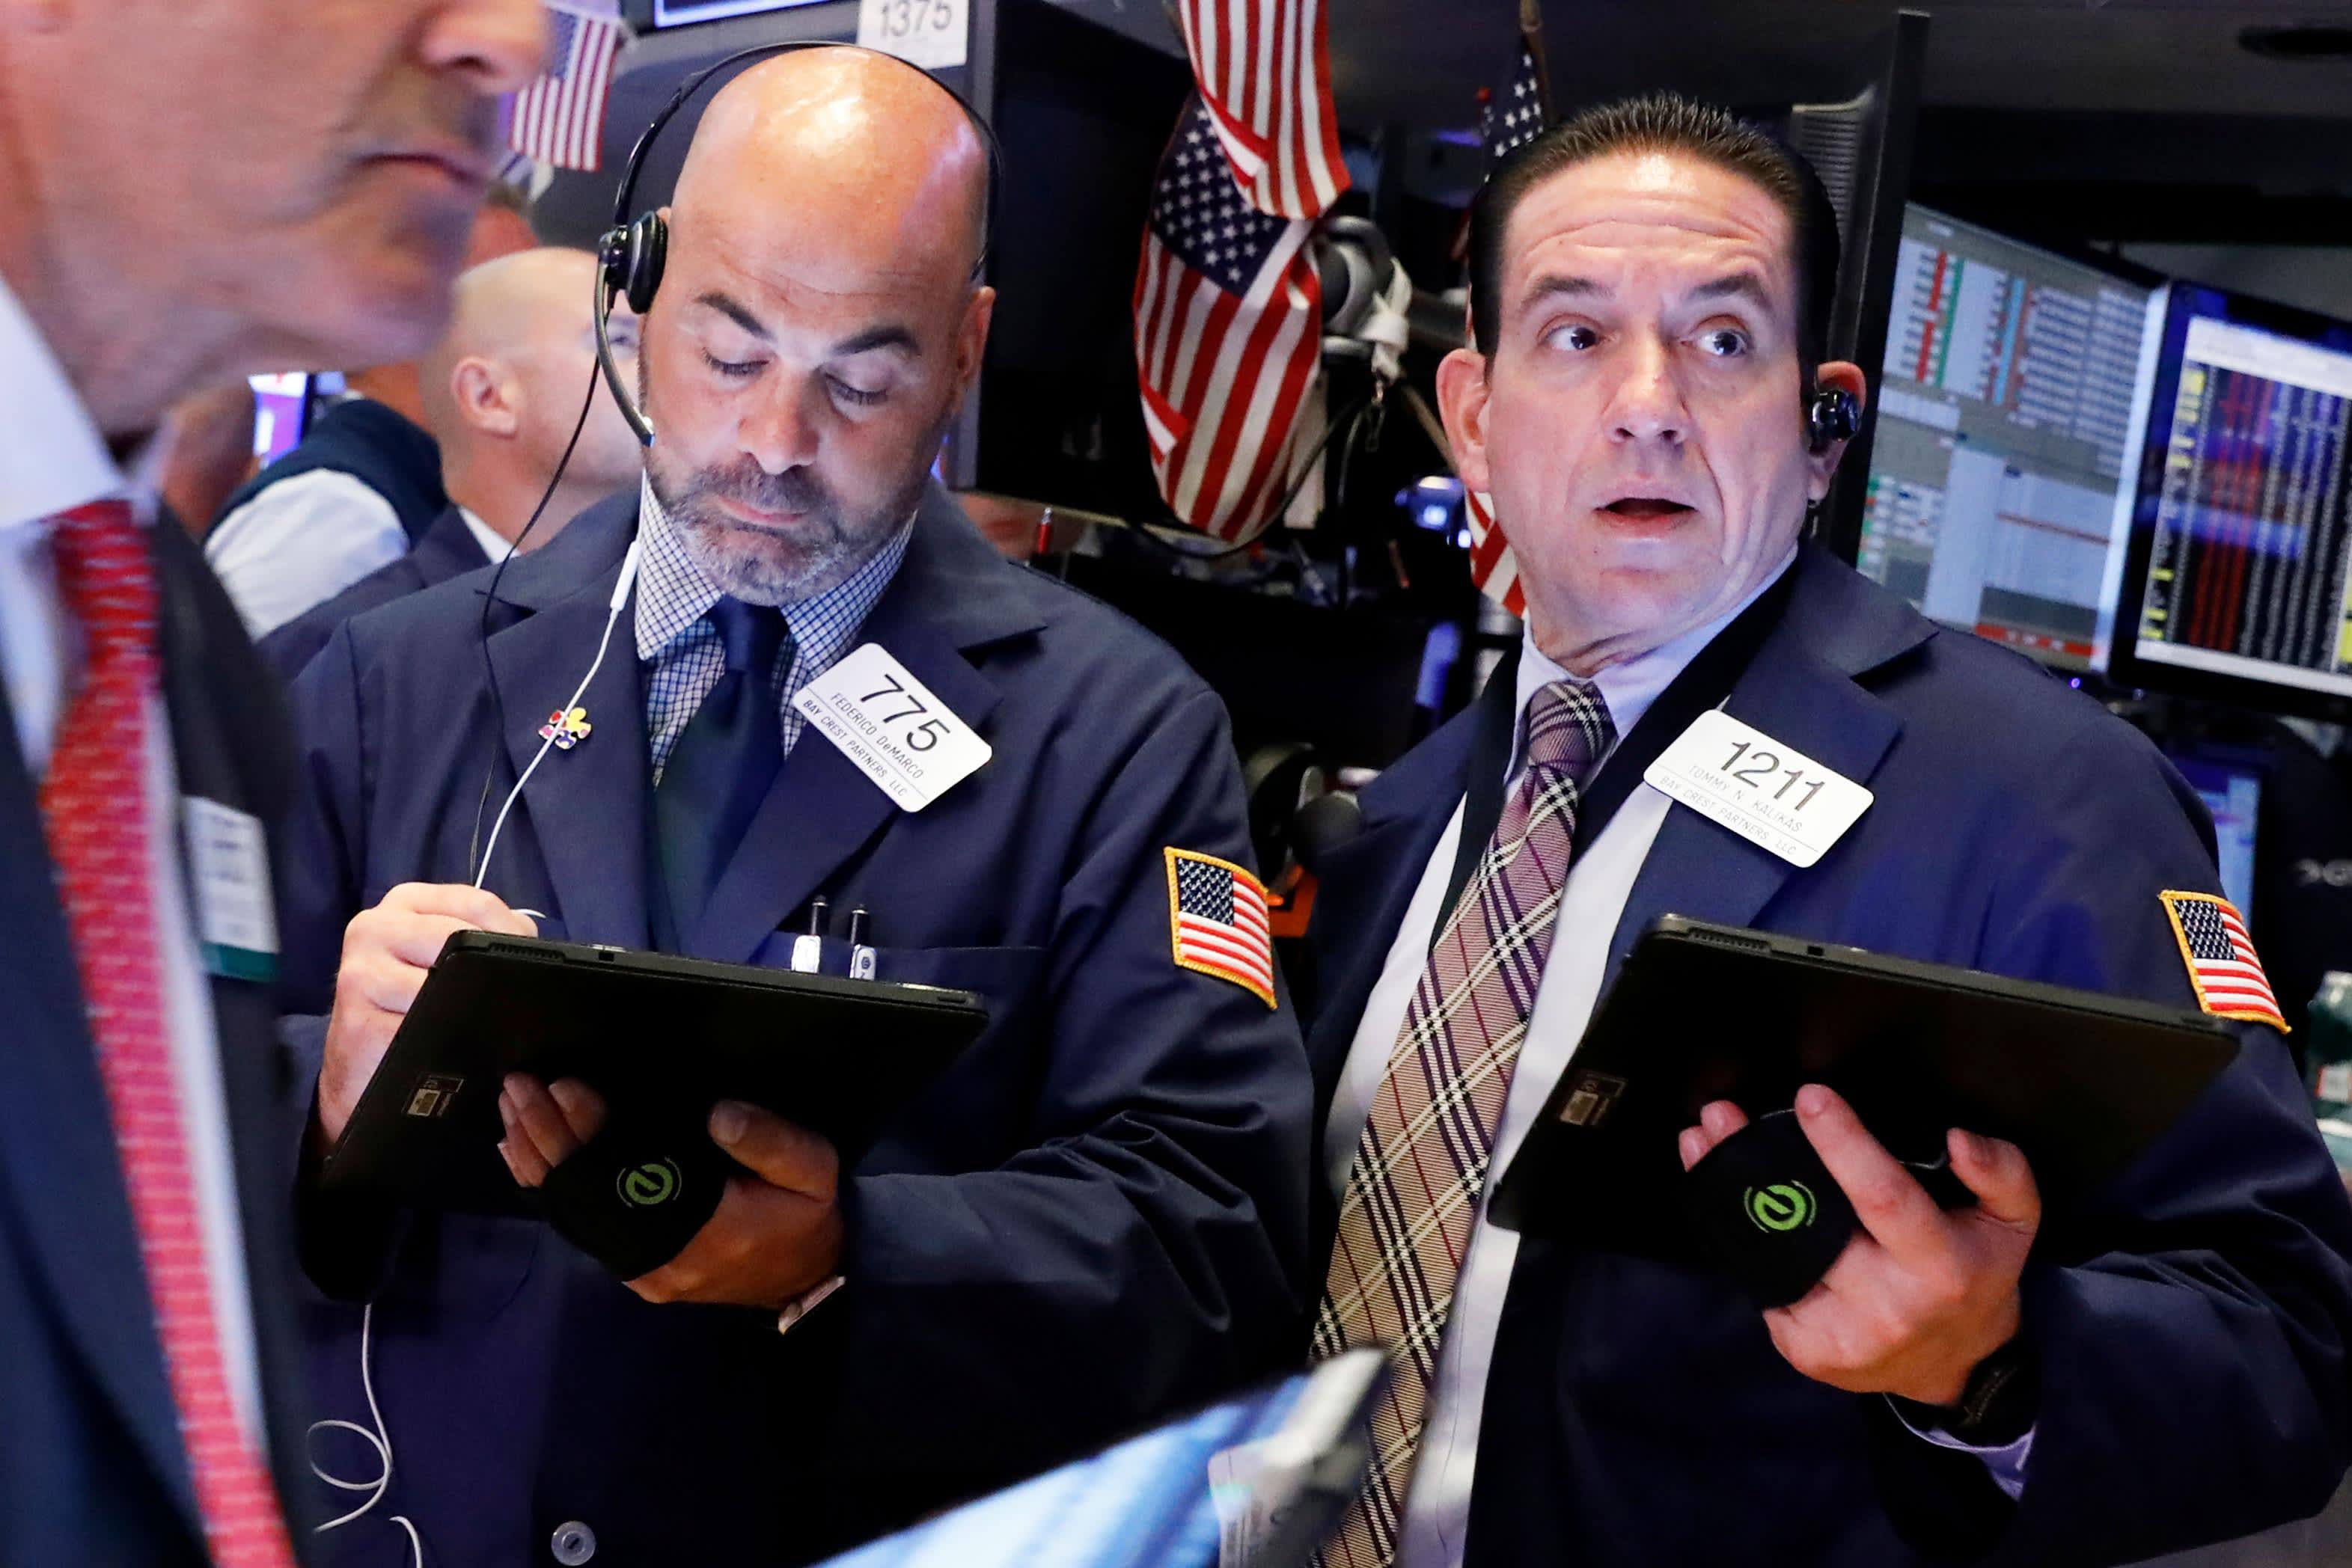 Stocks making the biggest moves premarket: Tesla, Tapestry, Big Lots, Uber, Ulta & more